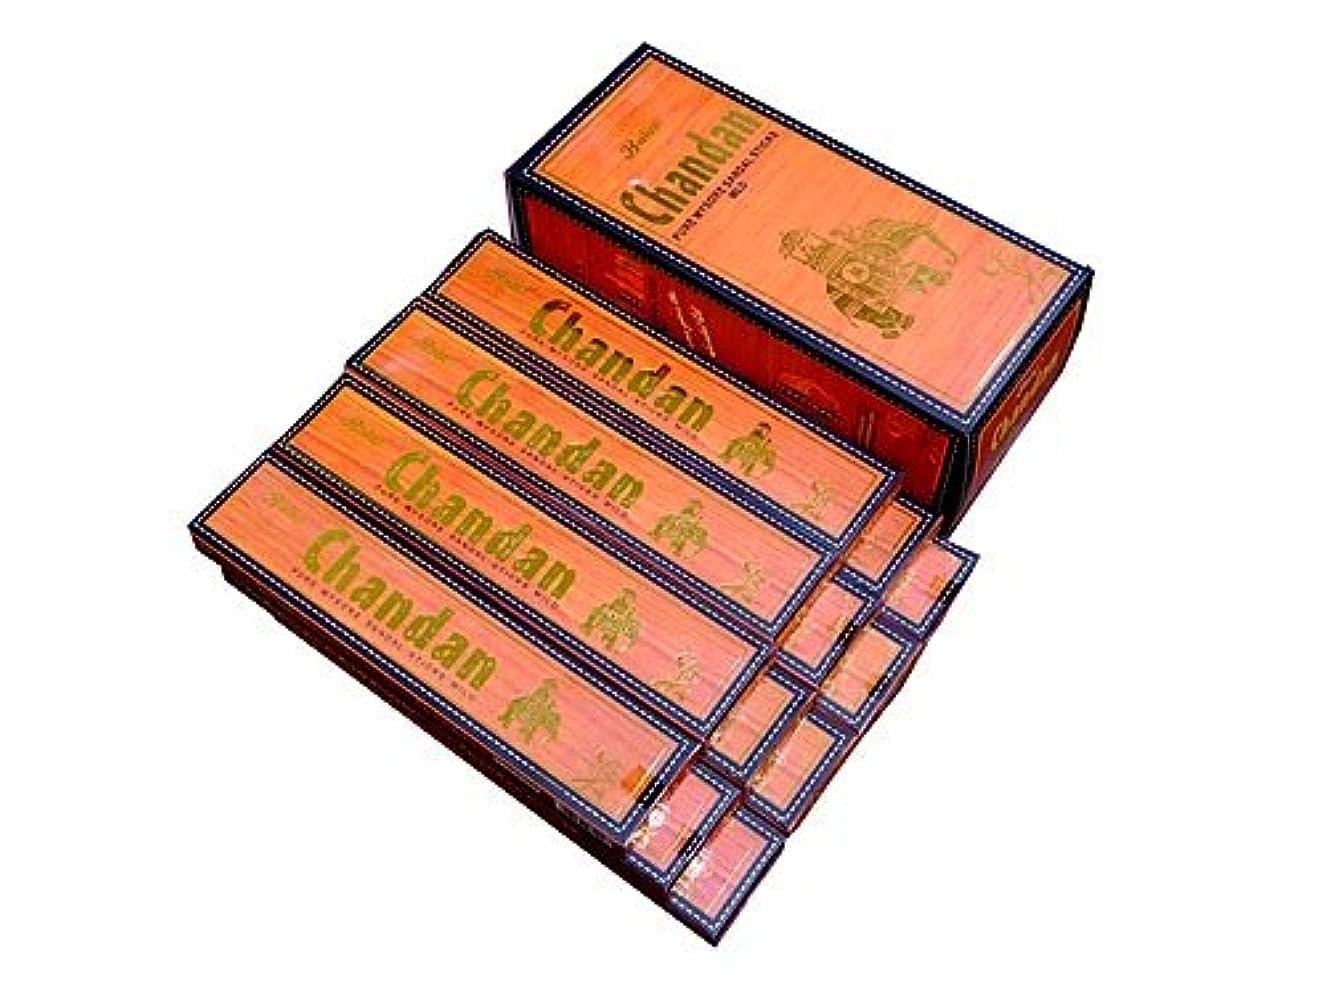 入札ベッドを作る誘うBALAJI(バラルジ) チャンダン香 スティック CHANDAN 12箱セット